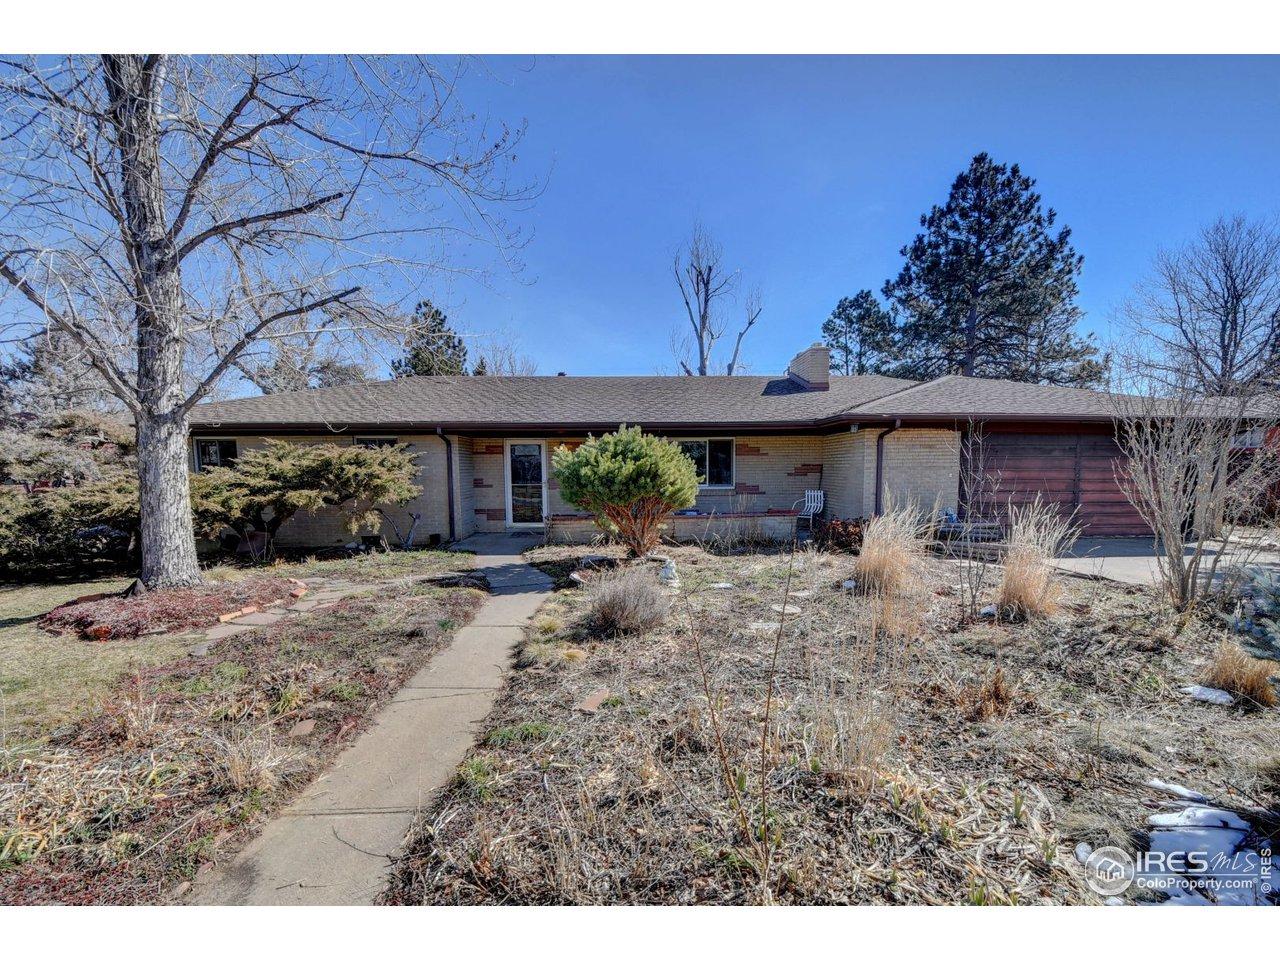 820 Crescent Dr, Boulder CO 80303